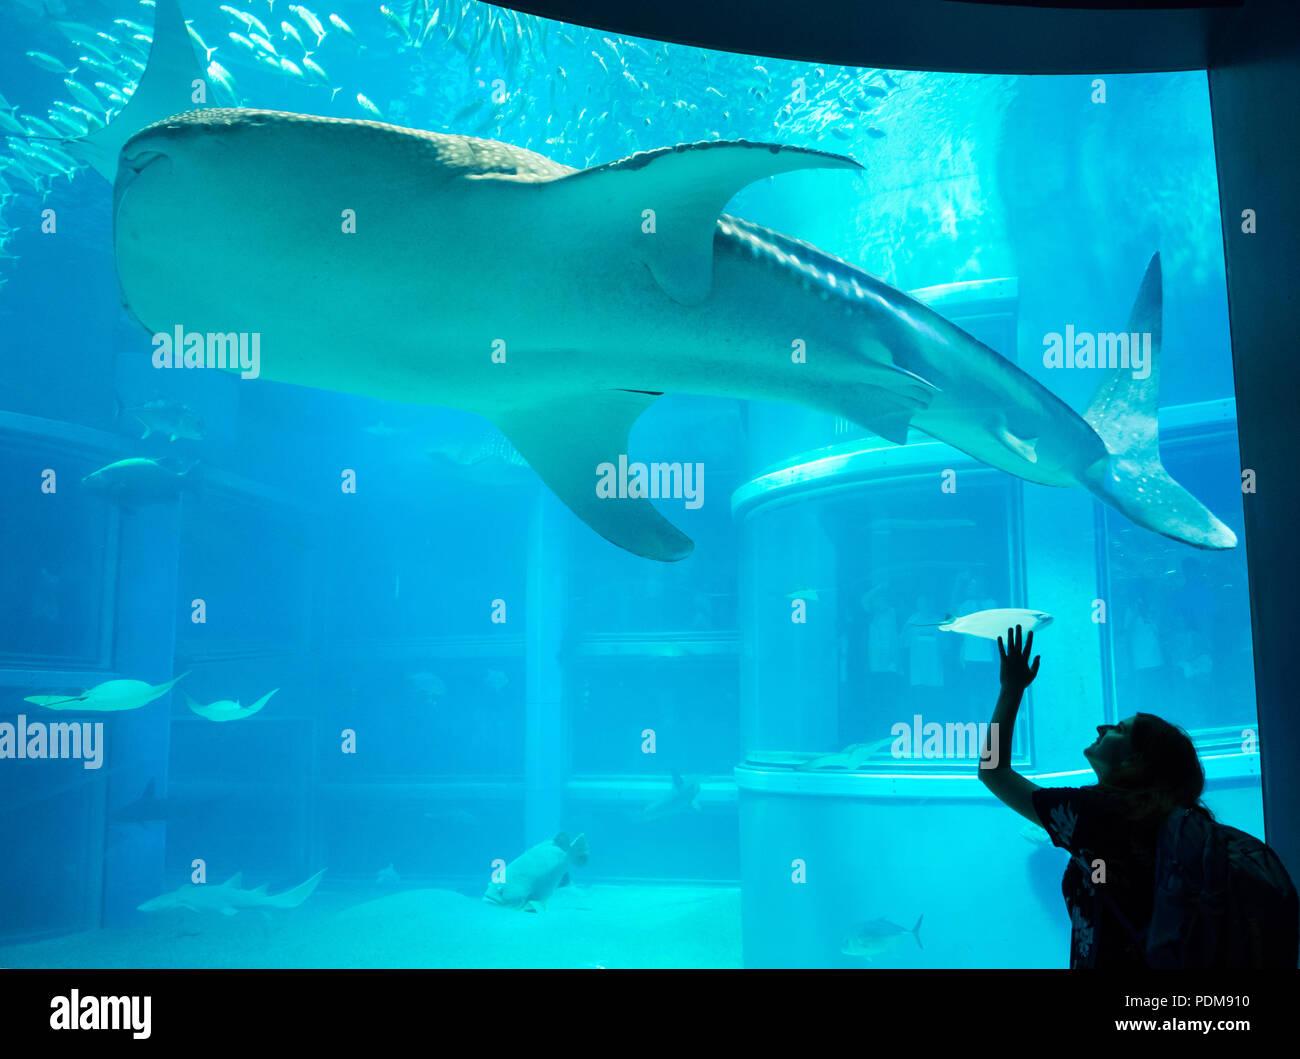 Les vagues d'une femme à un requin-baleine (Rhincodon typus) à l'océan Pacifique à l'exposition de l'Aquarium d'Osaka Kaiyukan à Osaka, Japon. Photo Stock